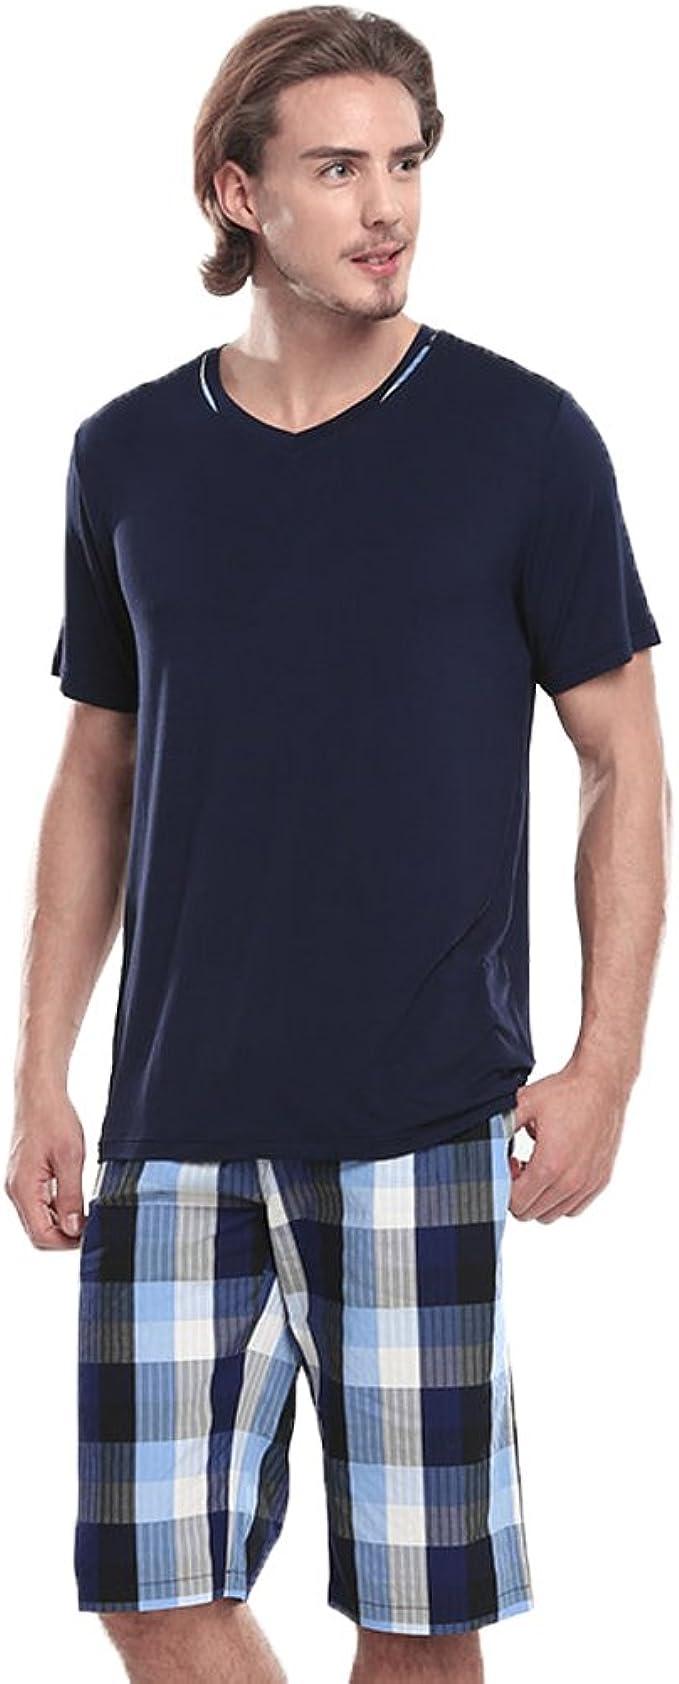 Fitibest Hombre Conjunto de Pijama Pijamas Ropa Interior,Manga Corta Camiseta y Pantalones Cortos de Cuadros